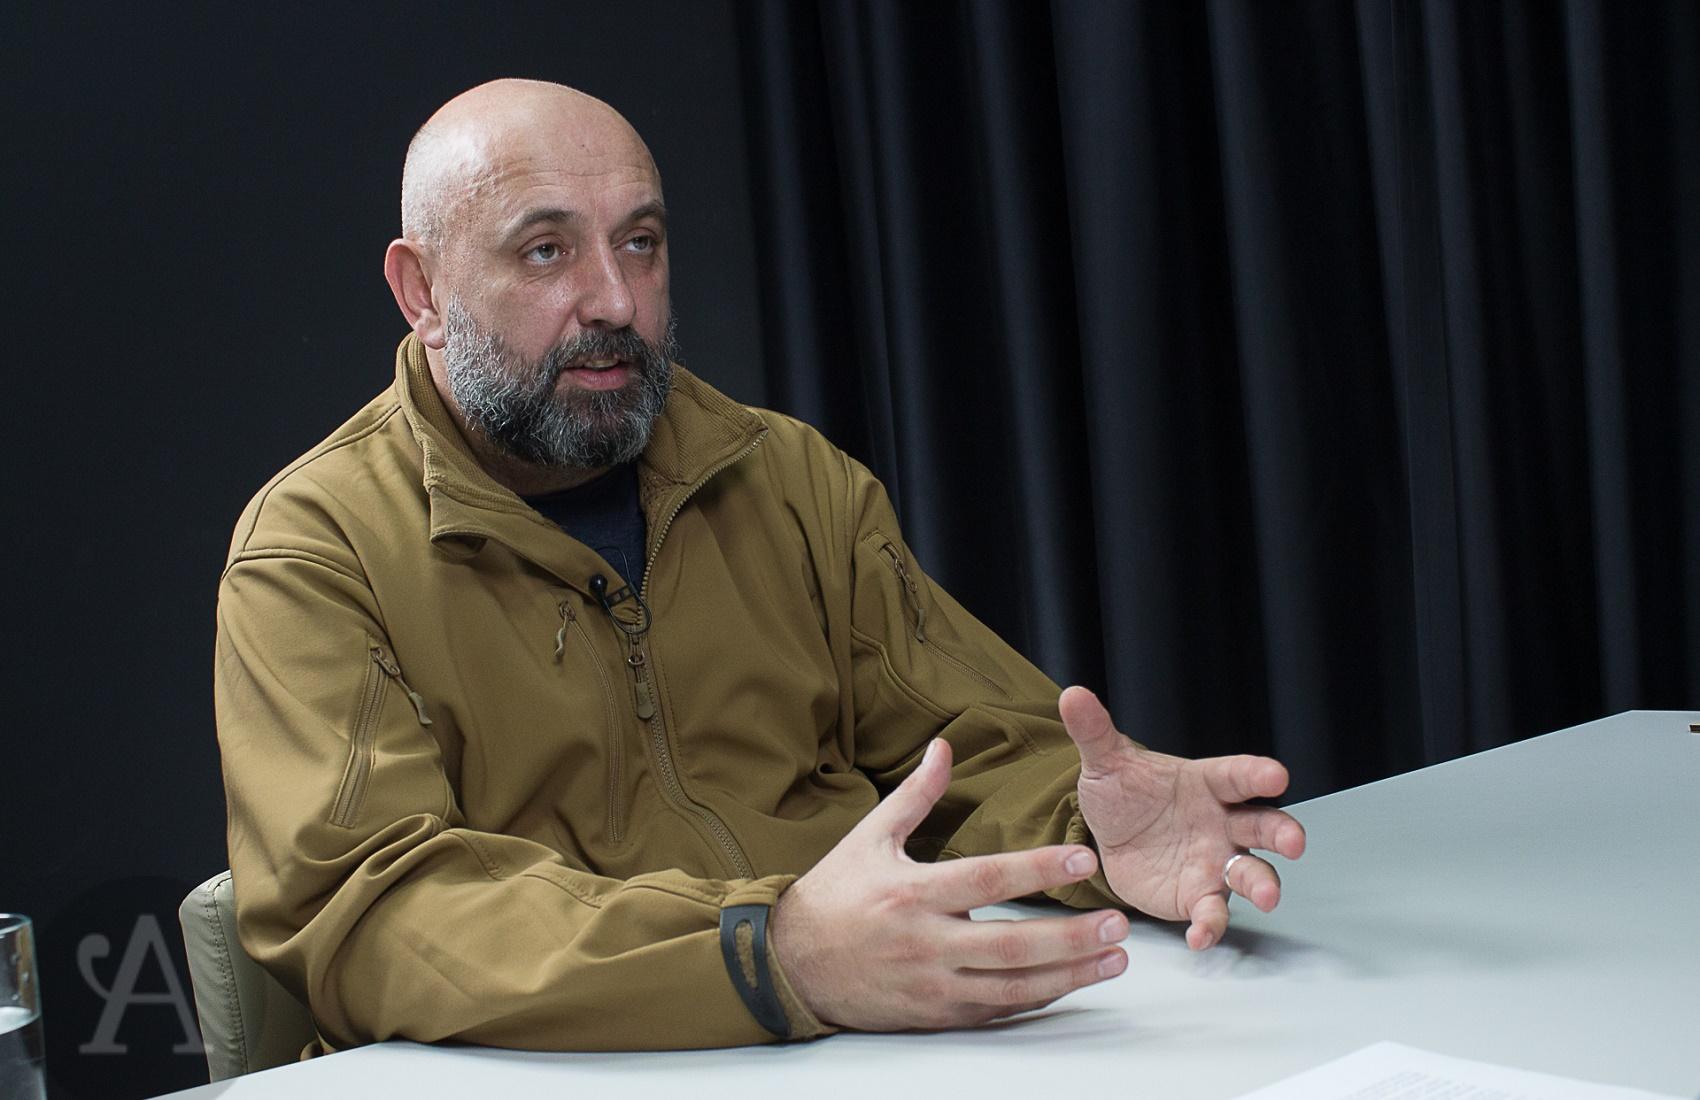 Генерал ВСУ объяснил, почему уехавшие из Крыма и Донбасса украинцы возвращаются обратно